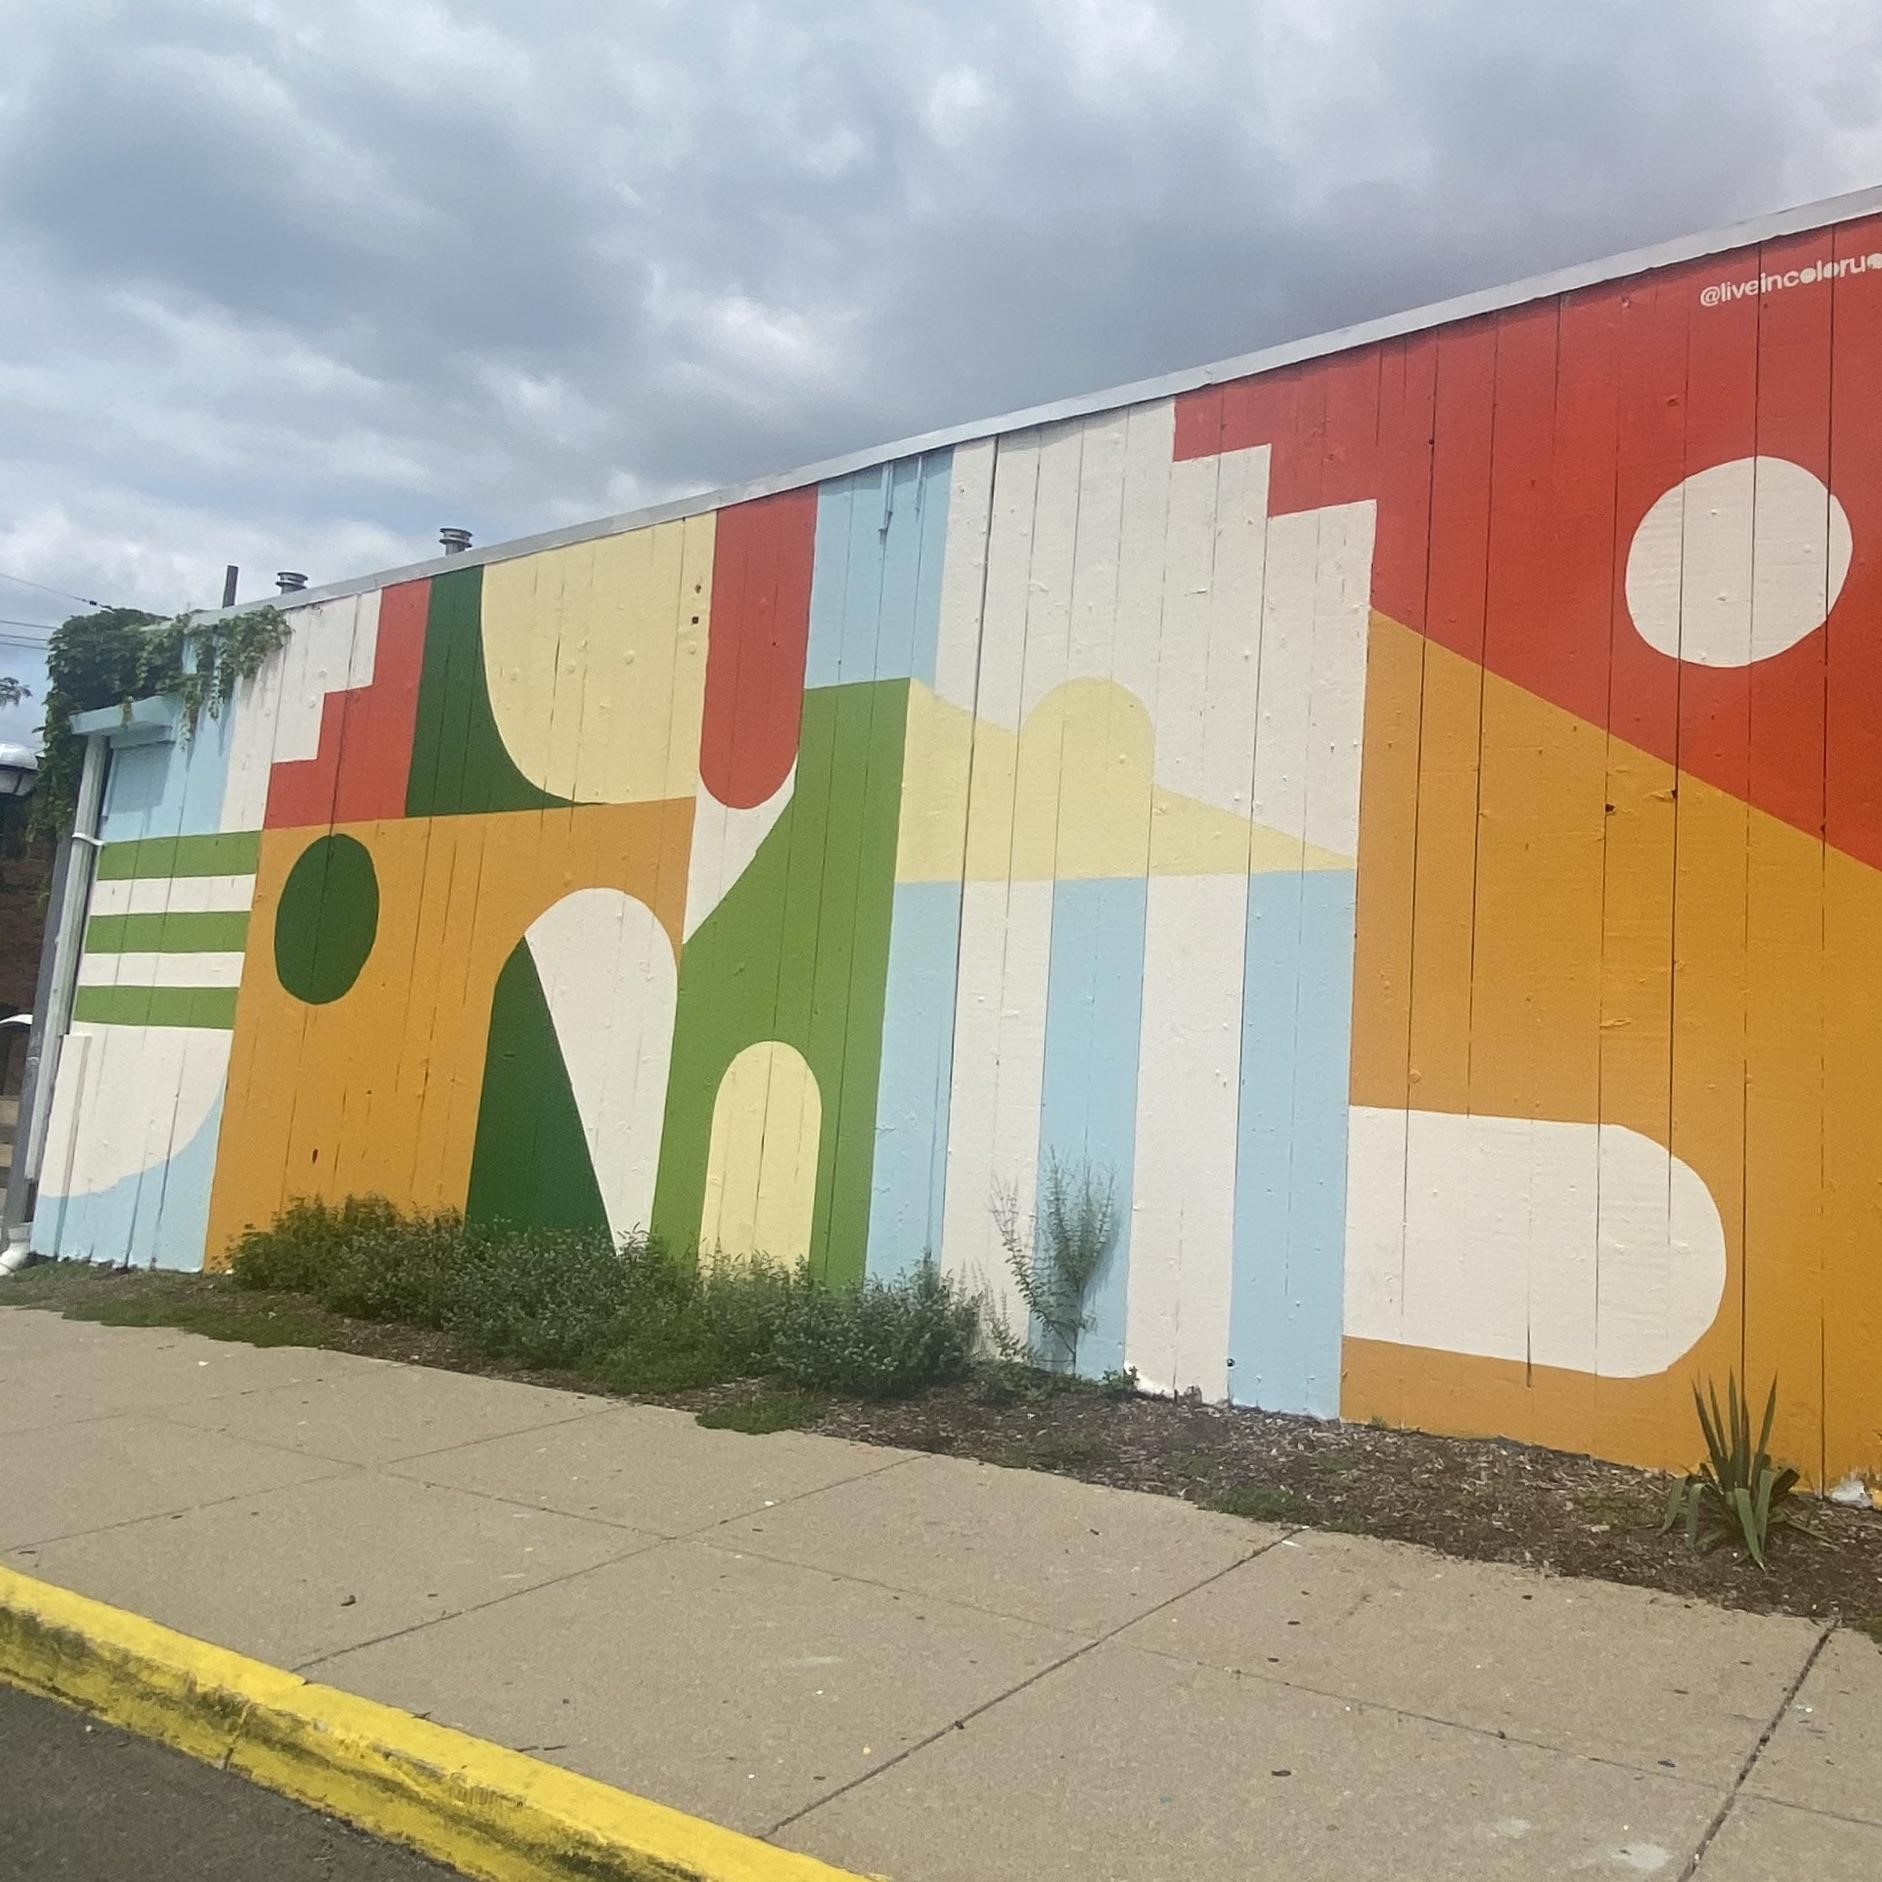 ann arbor art center mural